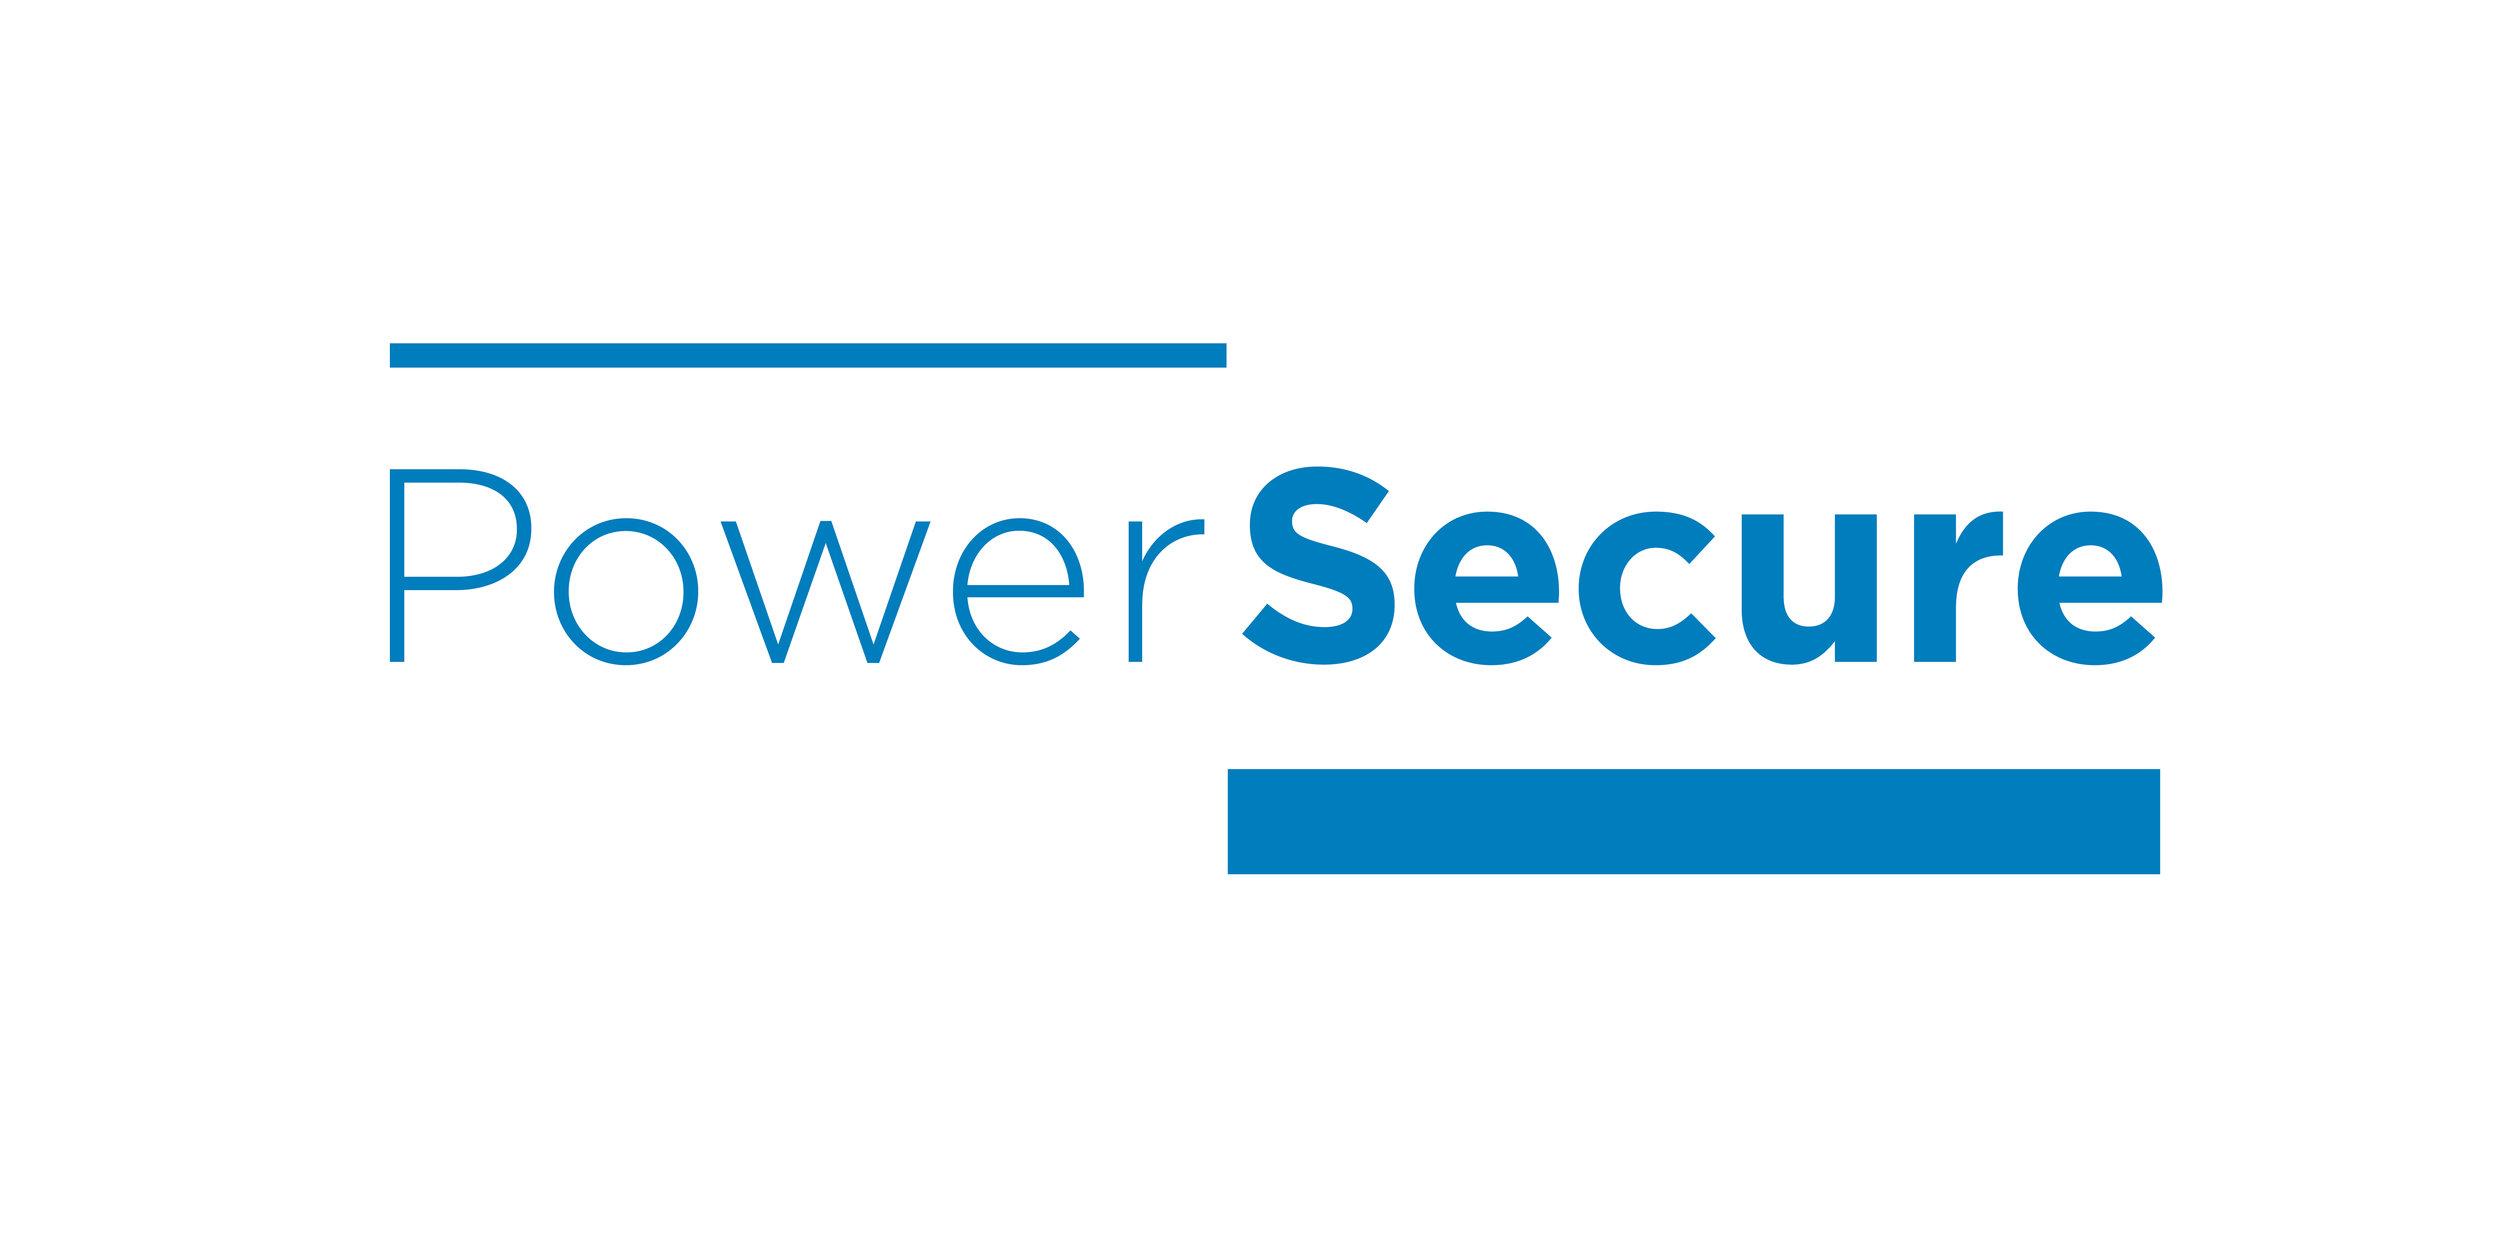 Power Secure.jpg